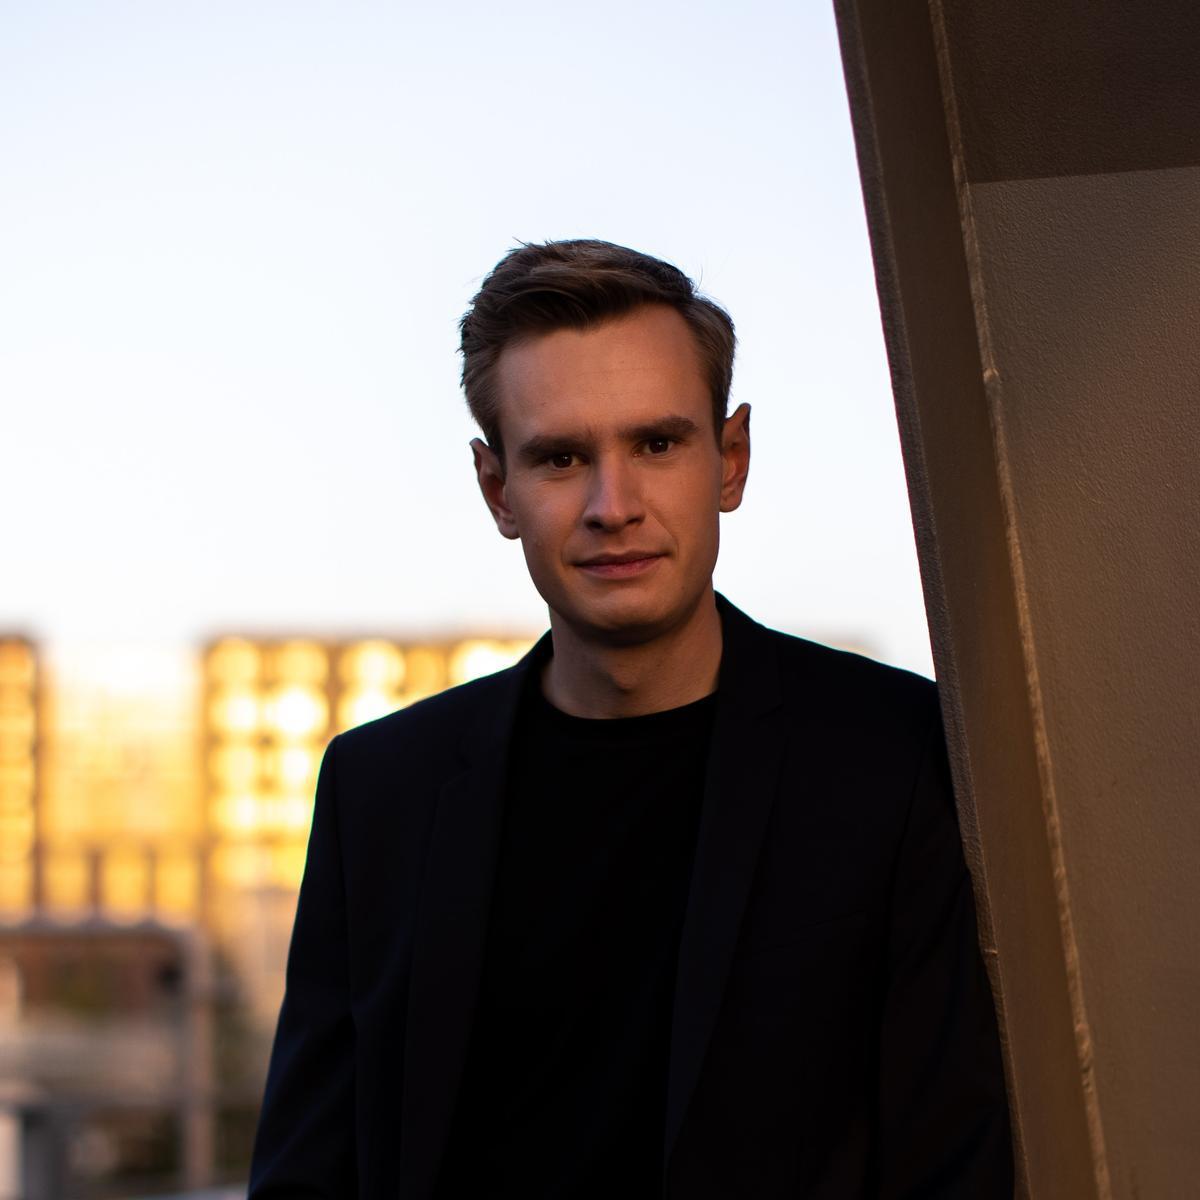 Florian Schwegler